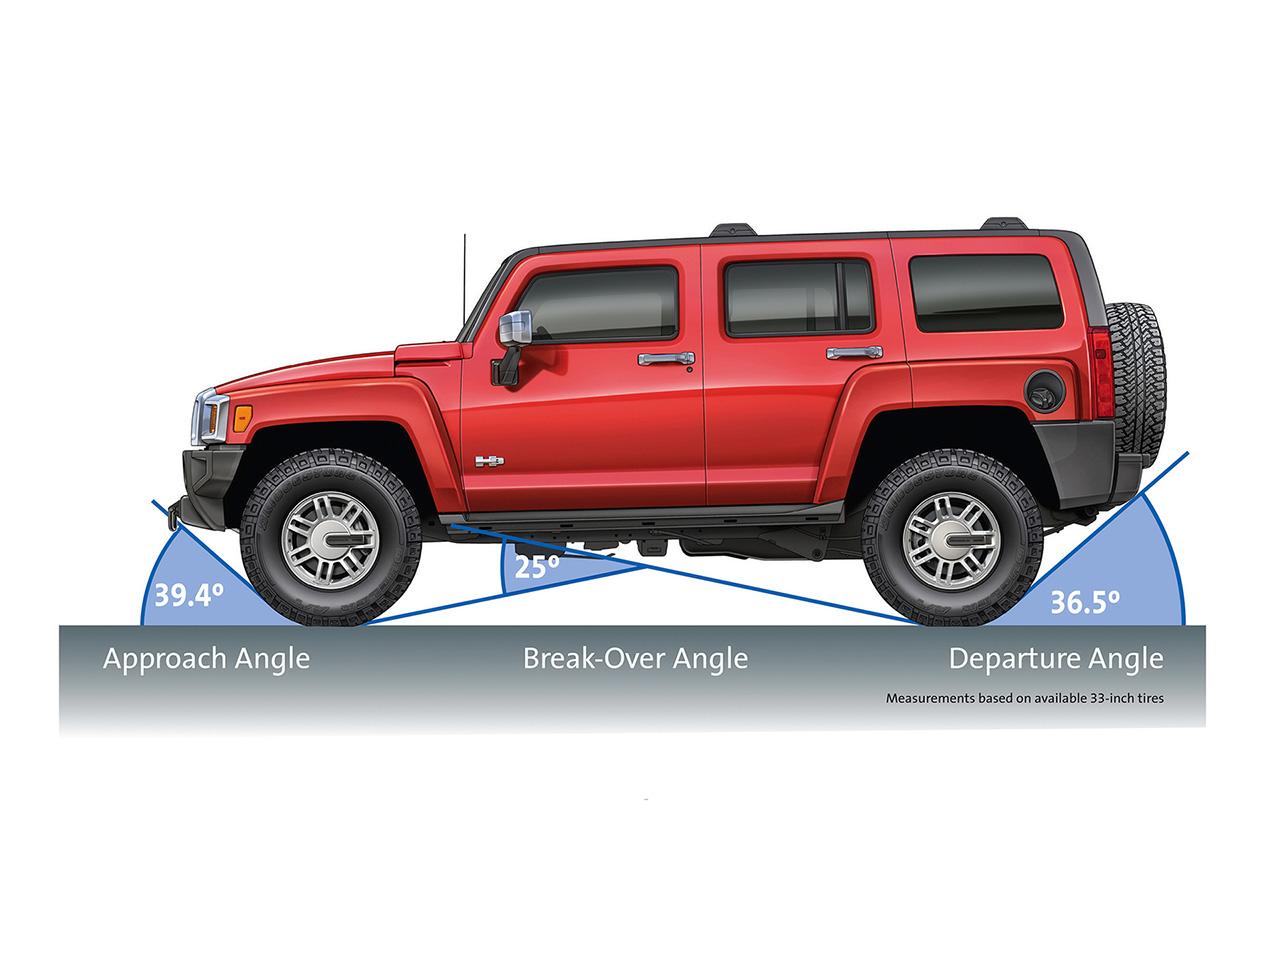 http://3.bp.blogspot.com/_rAsiSS06Zgg/TLaTkA12_9I/AAAAAAAABEQ/KeX_89zdb2M/s1600/2008-Hummer-H3-Alpha-Approach-Depart-Angle-1280x960.jpg